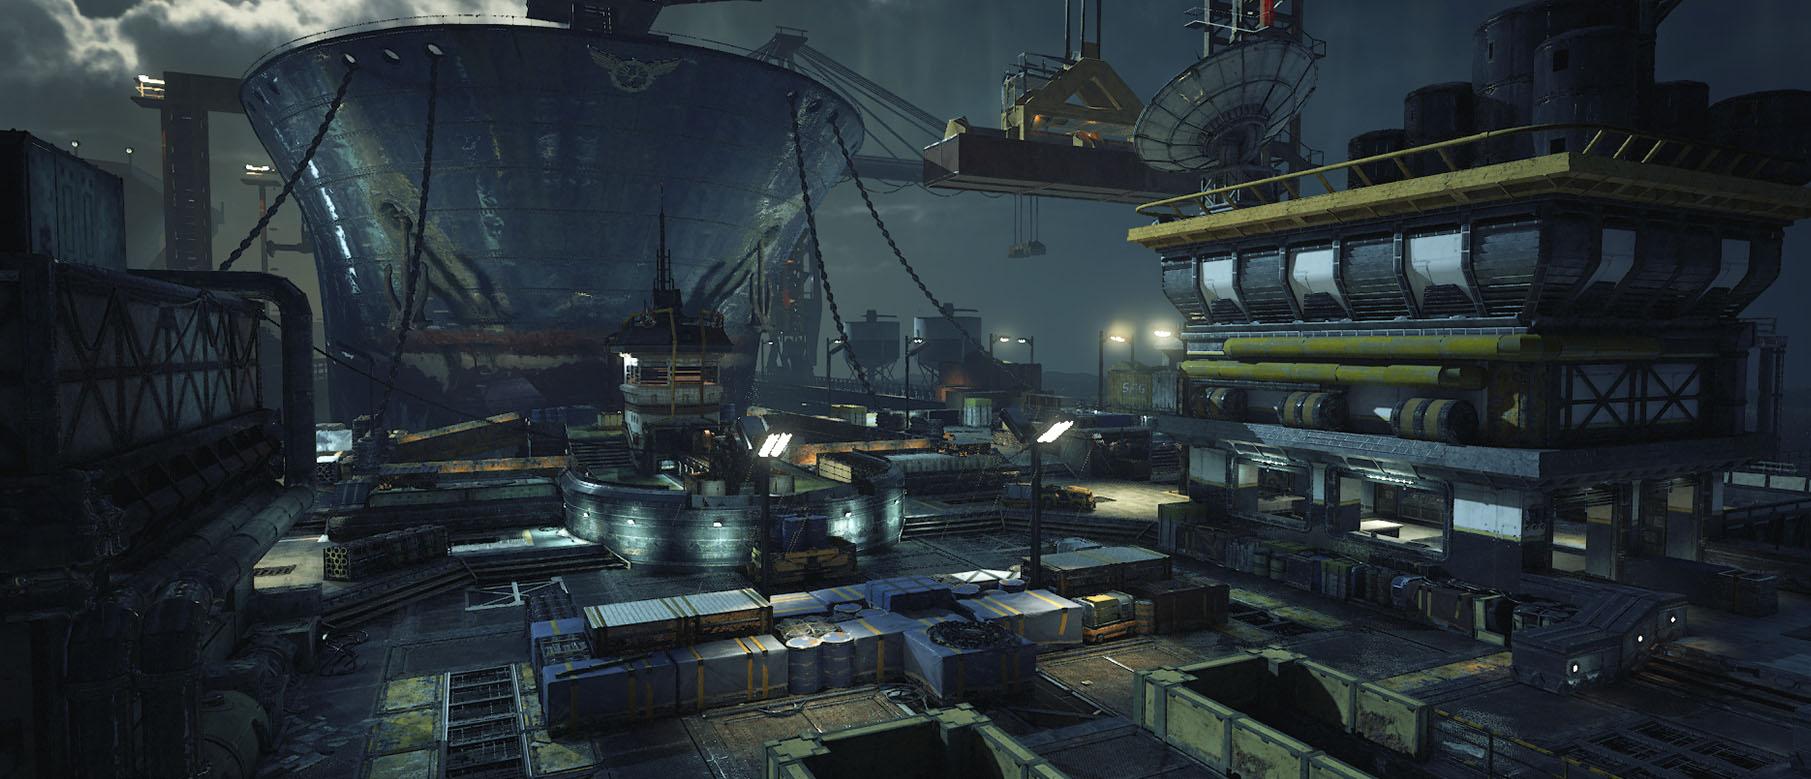 Смотрите как графика в Gears of War 4 была улучшена, и теперь все работает на стабильных 60FPS :: Rampaga